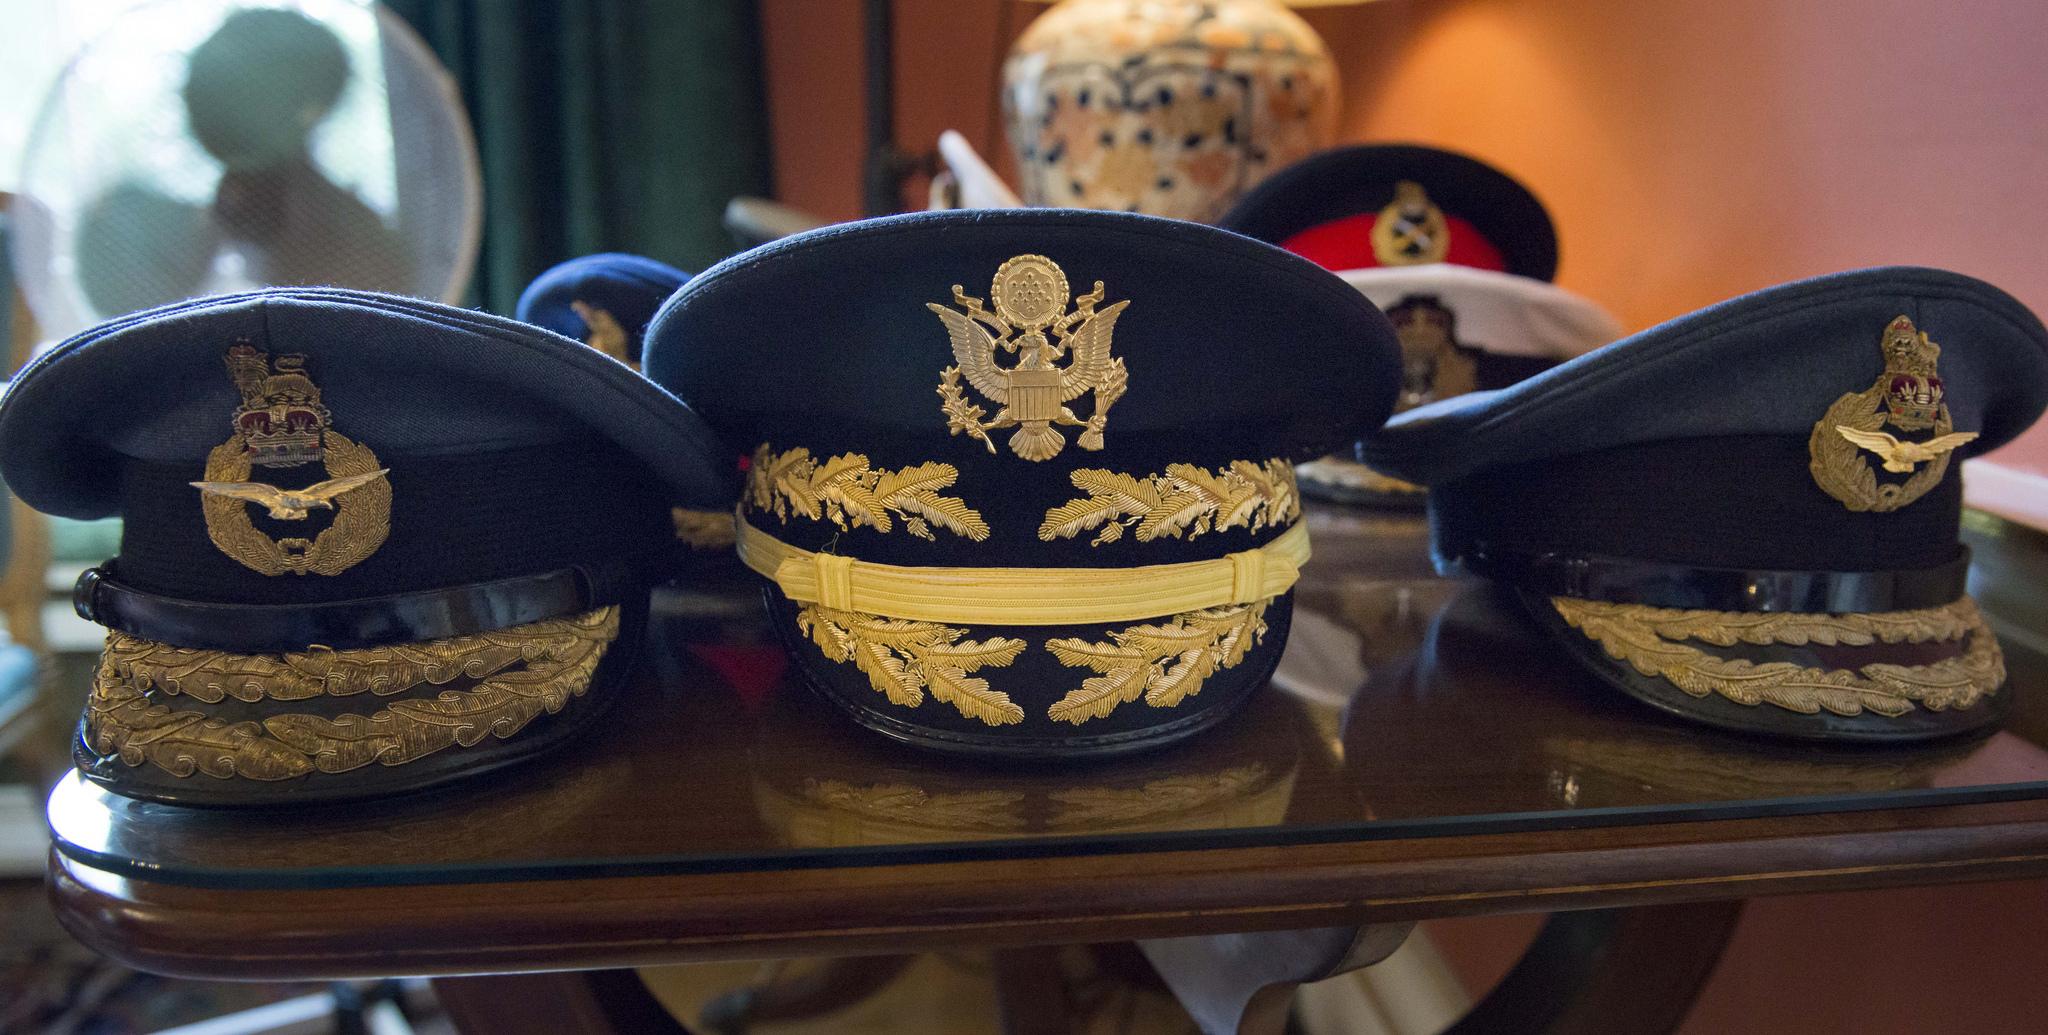 戴帽穿衣,人之大体,军帽花样玩时尚